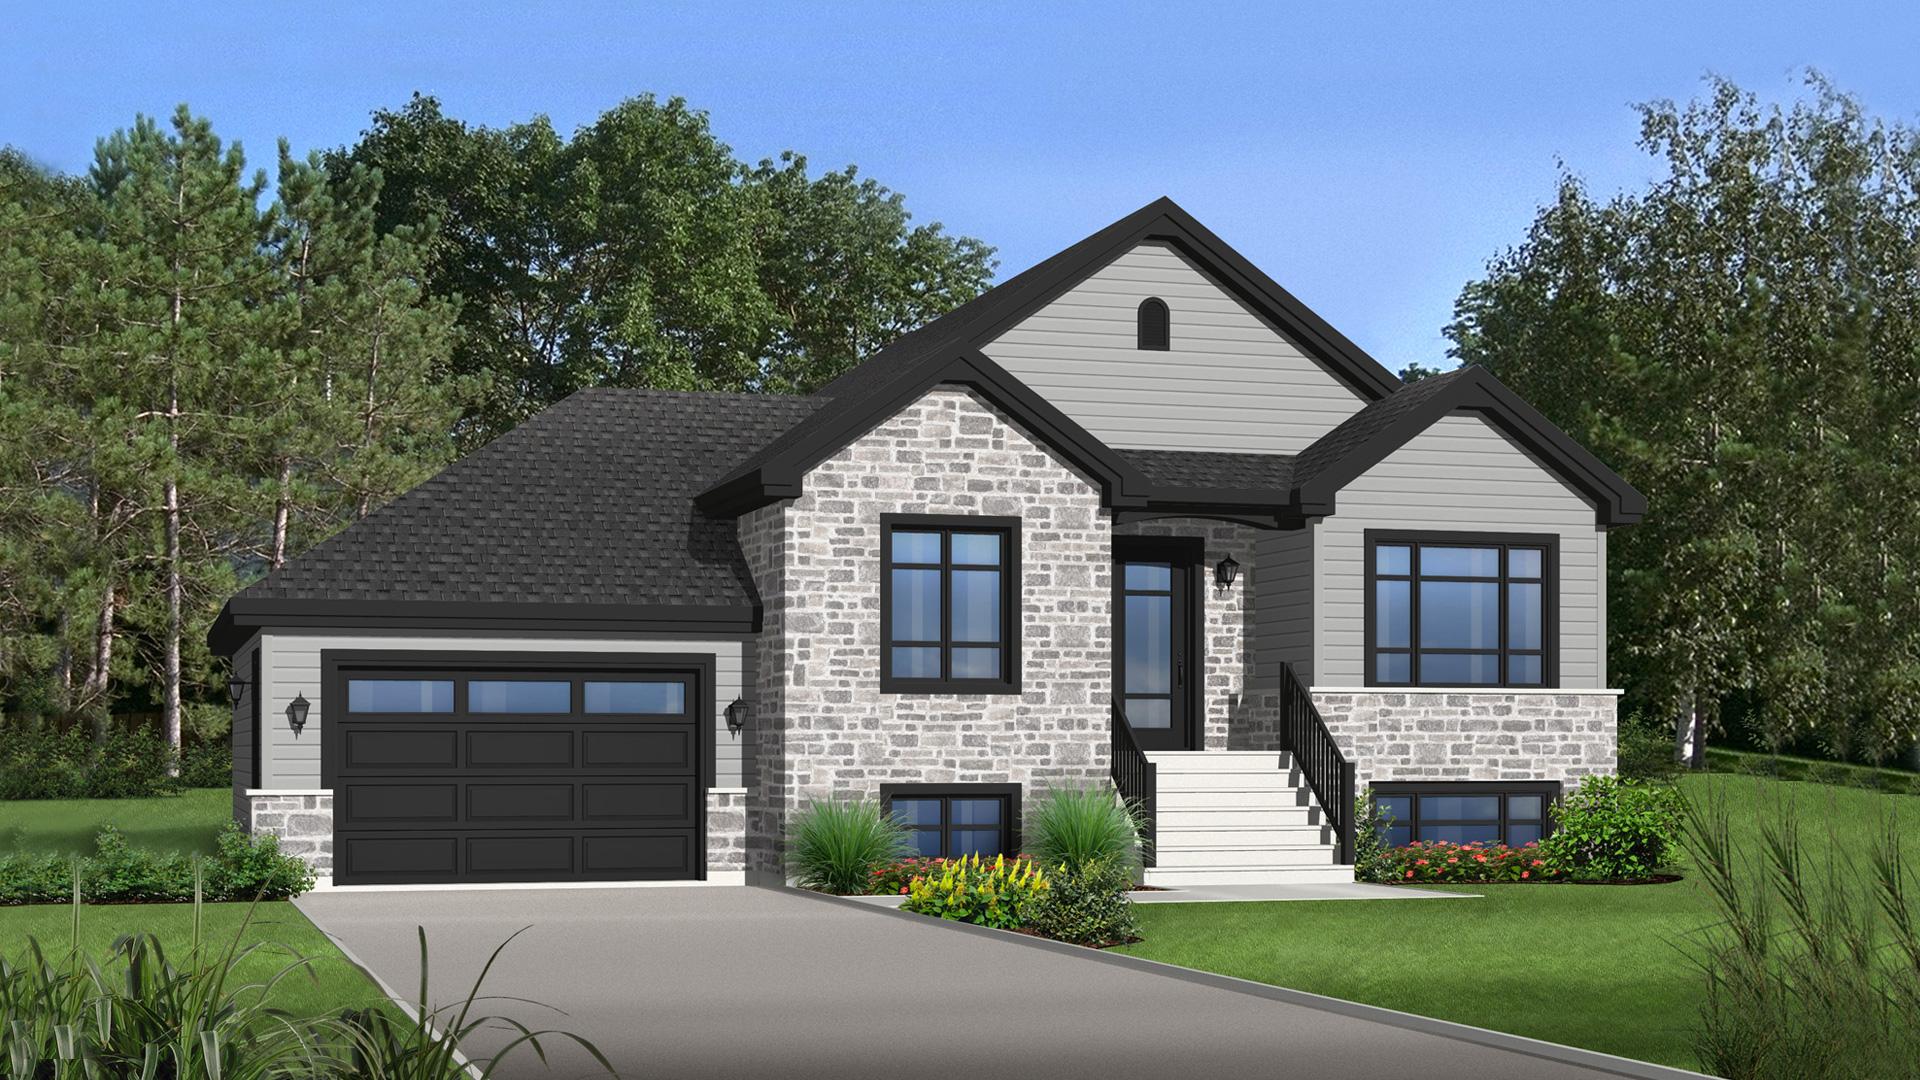 Mod le oeillet maison de style tradition pro fab constructeur de maisons modulaires et usin es for Maison modele profab